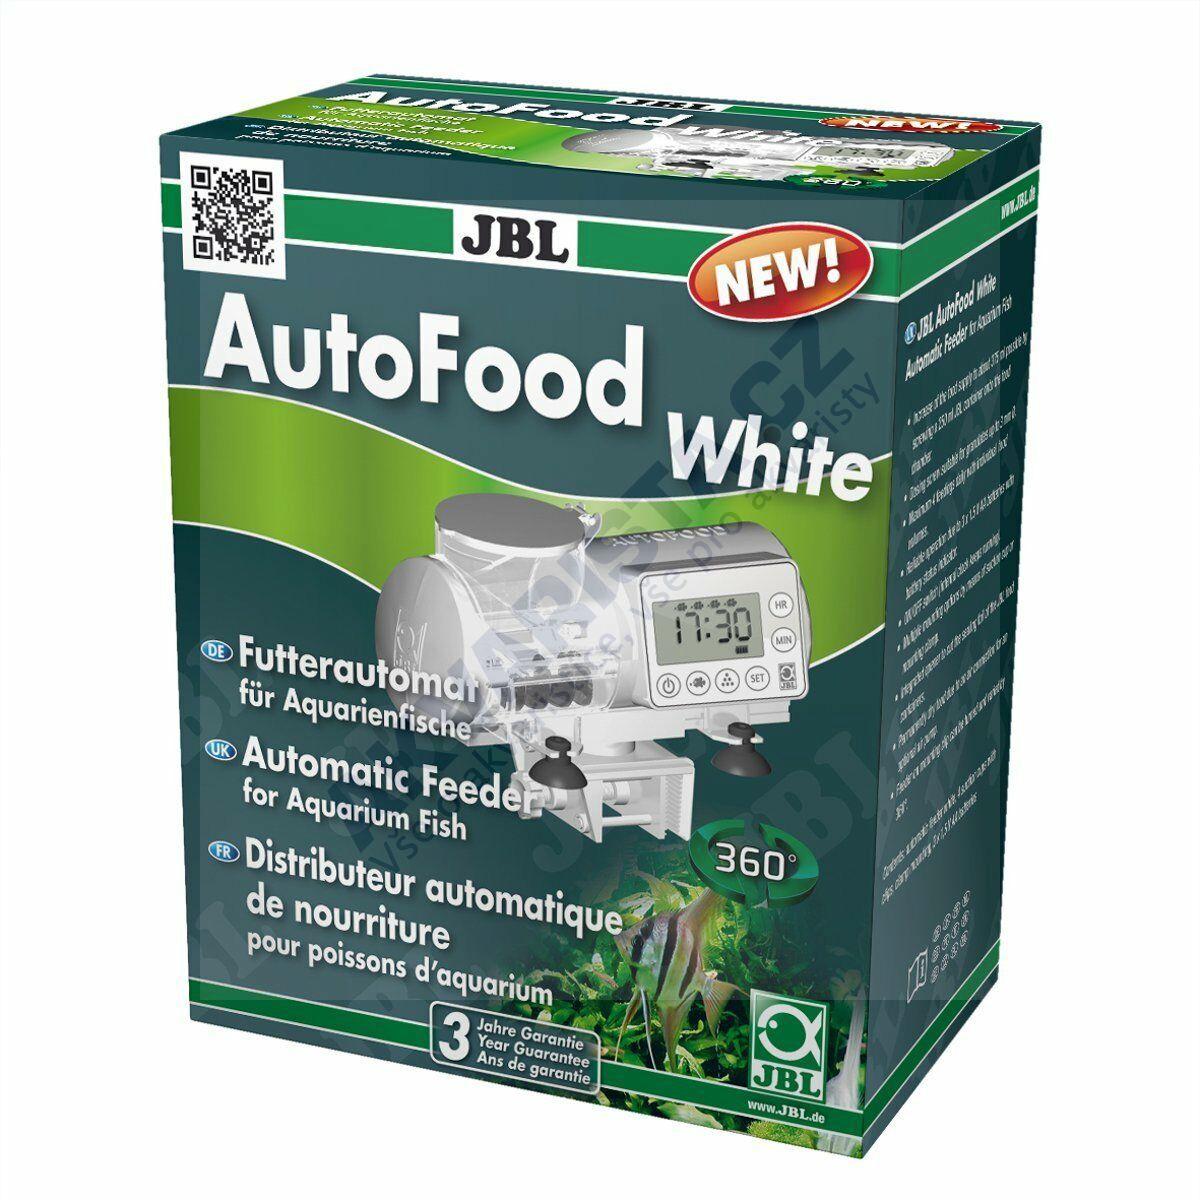 JBL AutoFood White automatické krmítko (bílé)